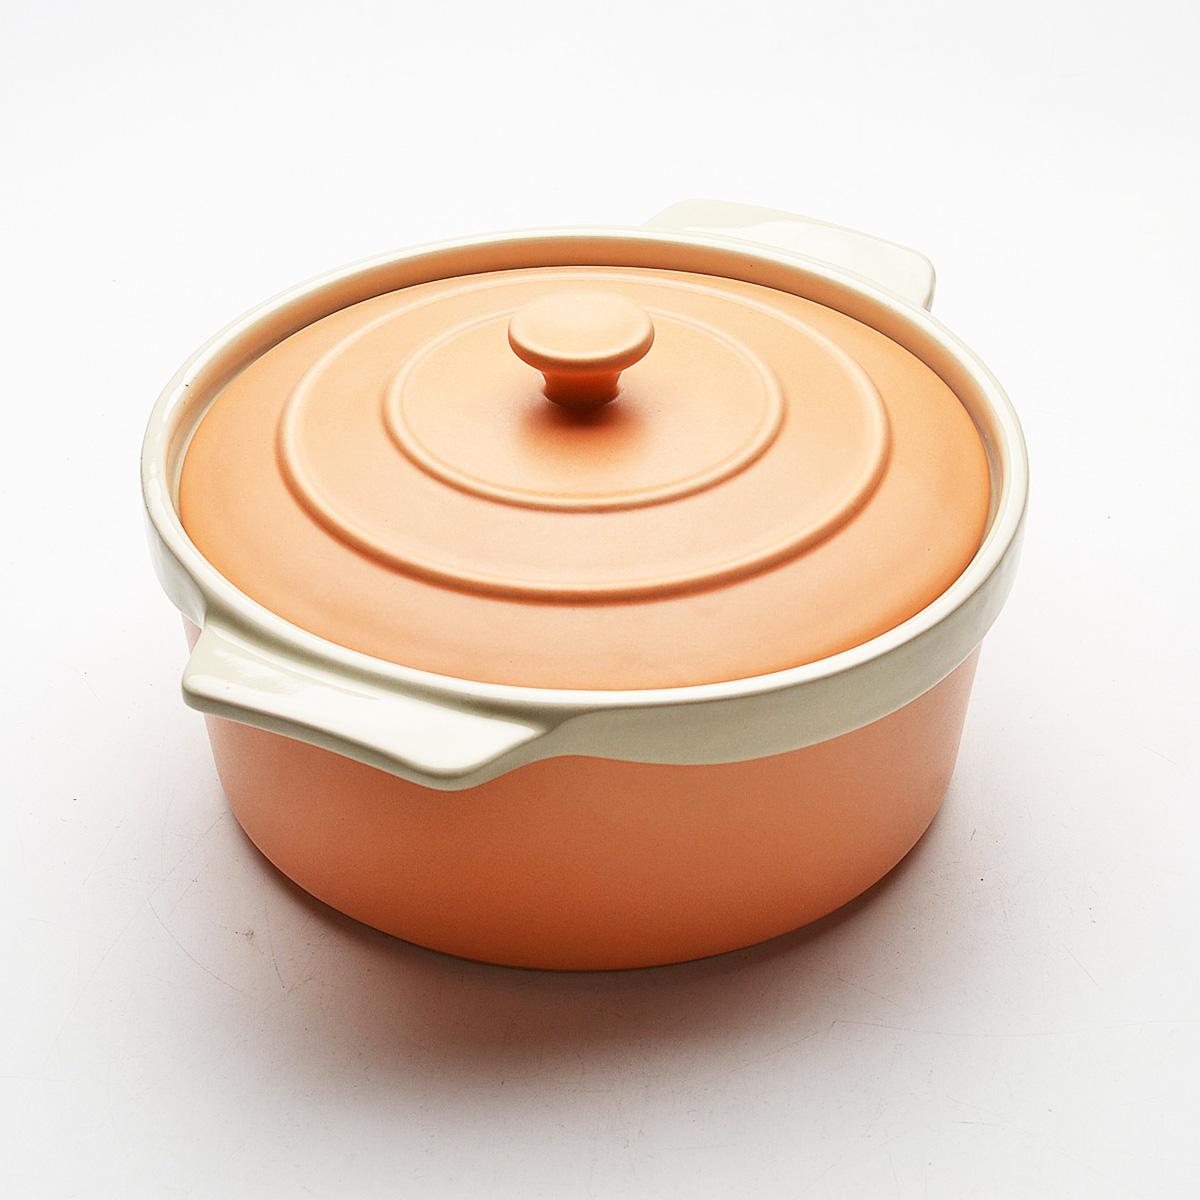 Жаровня Mayer & Boch с крышкой, цвет: оранжевый, бежевый, 2 л. 2178754 009303Жаровня Mayer & Boch, изготовленная из высококачественной керамики, подходит для любого вида пищи. Элегантный дизайн идеально подходит для современного дома. В комплект входит крышка из керамики.Пища, приготовленная в керамической посуде, сохраняет свои вкусовые качества, и благодаря экологической чистоте материала, не может нанести вред здоровью человека. Керамика - один из самых лучших материалов, который удерживает тепло, медленно и равномерно его распределяет. Максимальный нагрев - 400°С. С такой жаровней вы всегда сможете порадовать своих близких оригинальным блюдом.Жаровню можно использовать в духовом шкафу, в микроволновой печи, замораживать в холодильнике. Можно мыть в посудомоечной машине.Ширина жаровни (с учетом ручек): 25 см.Высота стенок: 7 см.Толщина стенок: 6-7 мм.